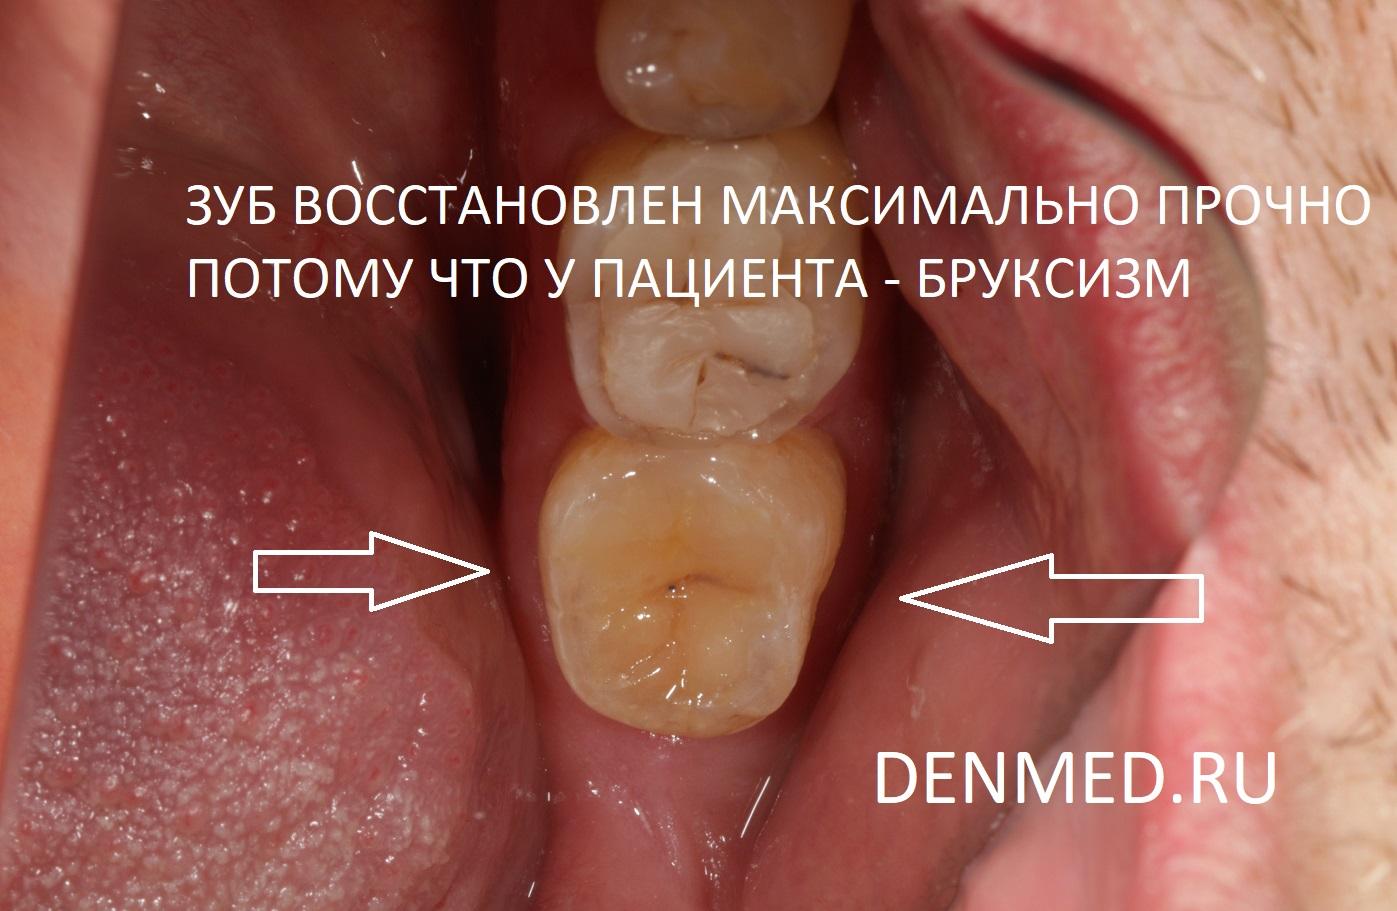 Реставрация зуба при бруксизме должна быть максимально прочна